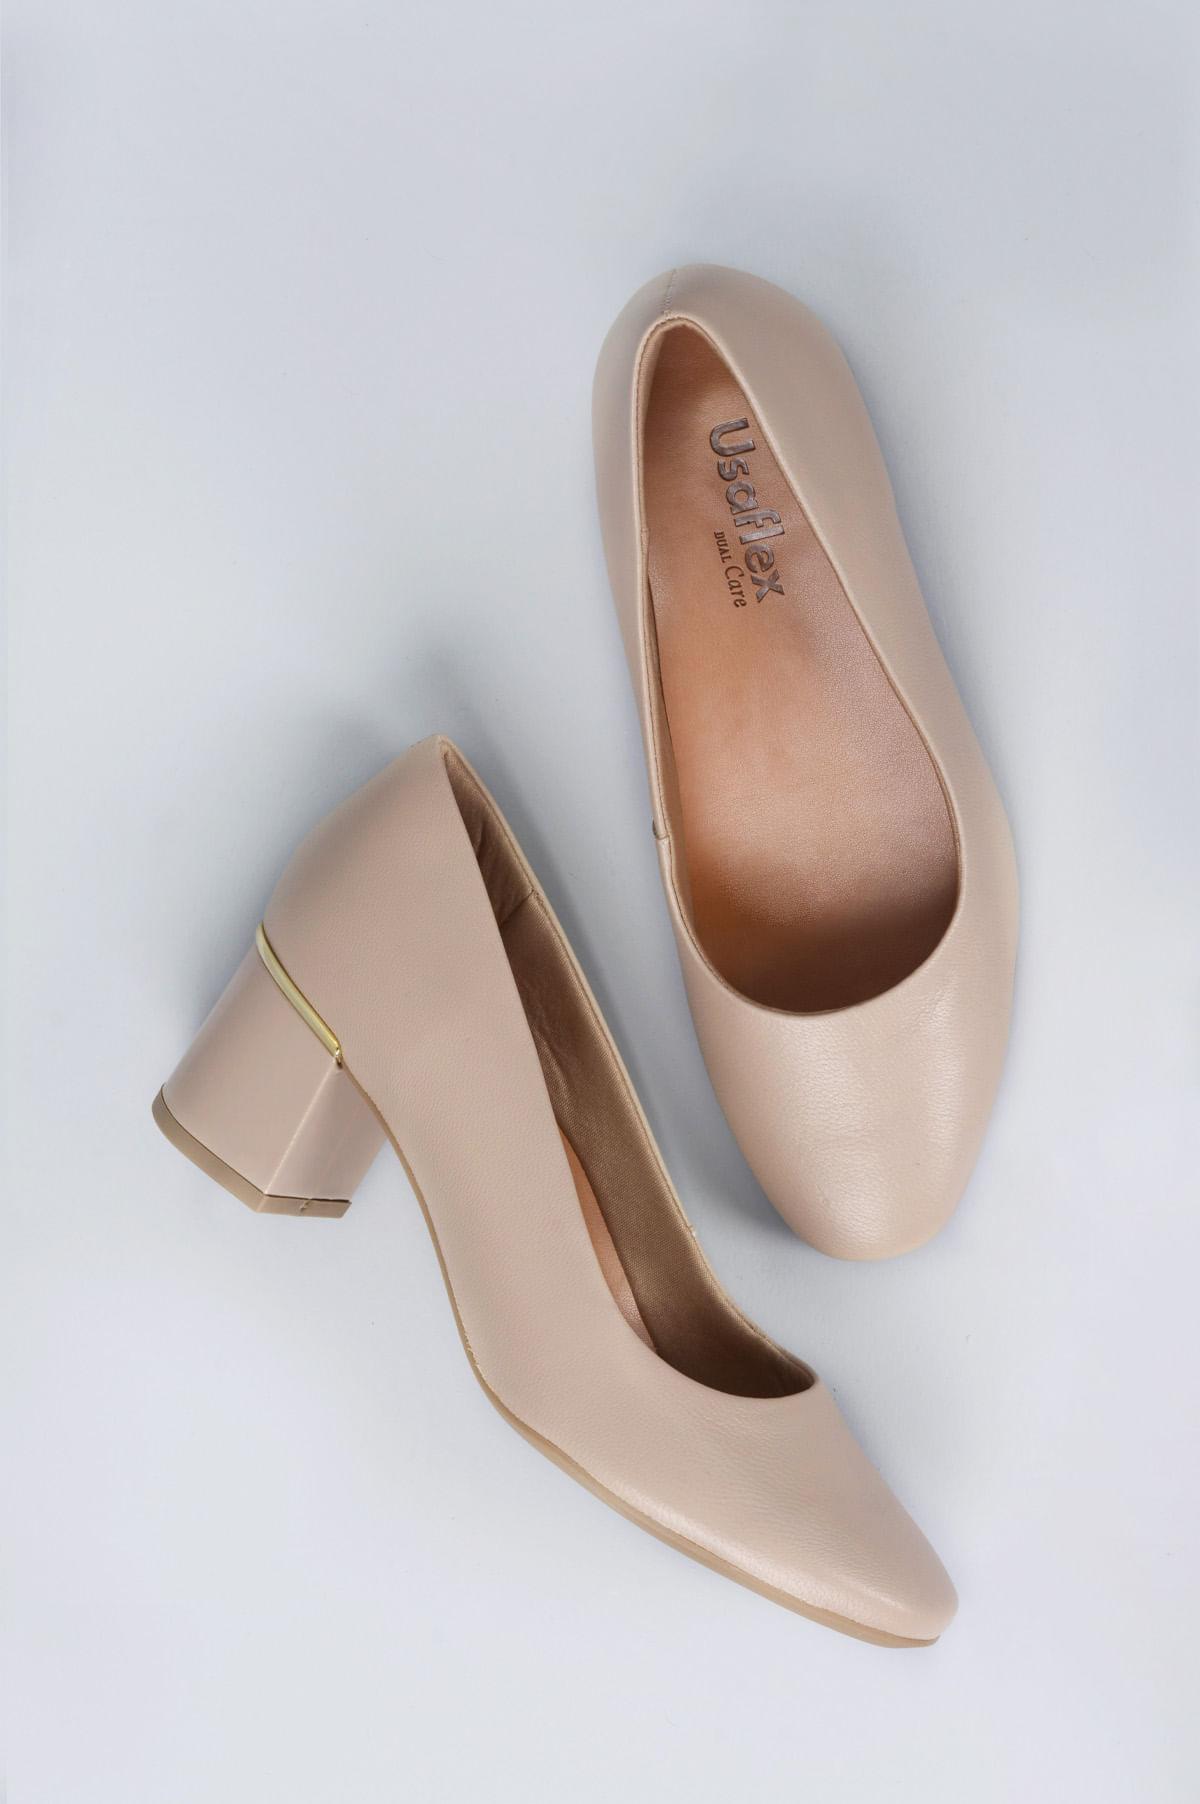 cdedcfab6 Sapato Feminino Salto Médio Suzie Usaflex CR - BEGE - Mundial Calçados